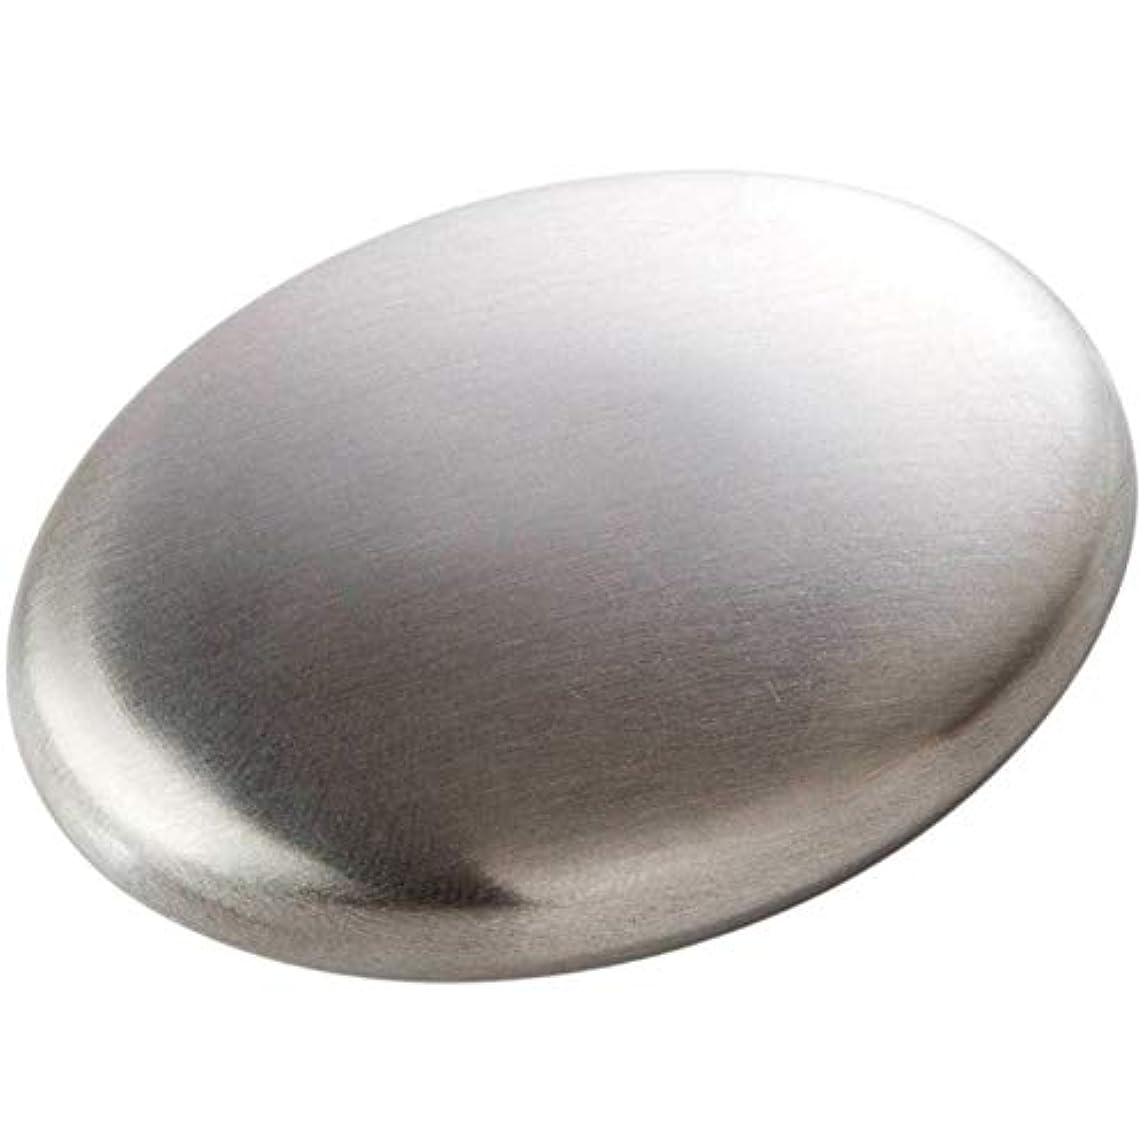 サイレント肯定的彫刻家せっけん ステンレス鋼 消臭 石鹸 にんにくと魚のような臭いを取り除き ステンレス鋼 臭気除去剤 匂い除去剤 最新型 人気 実用的 Cutelove